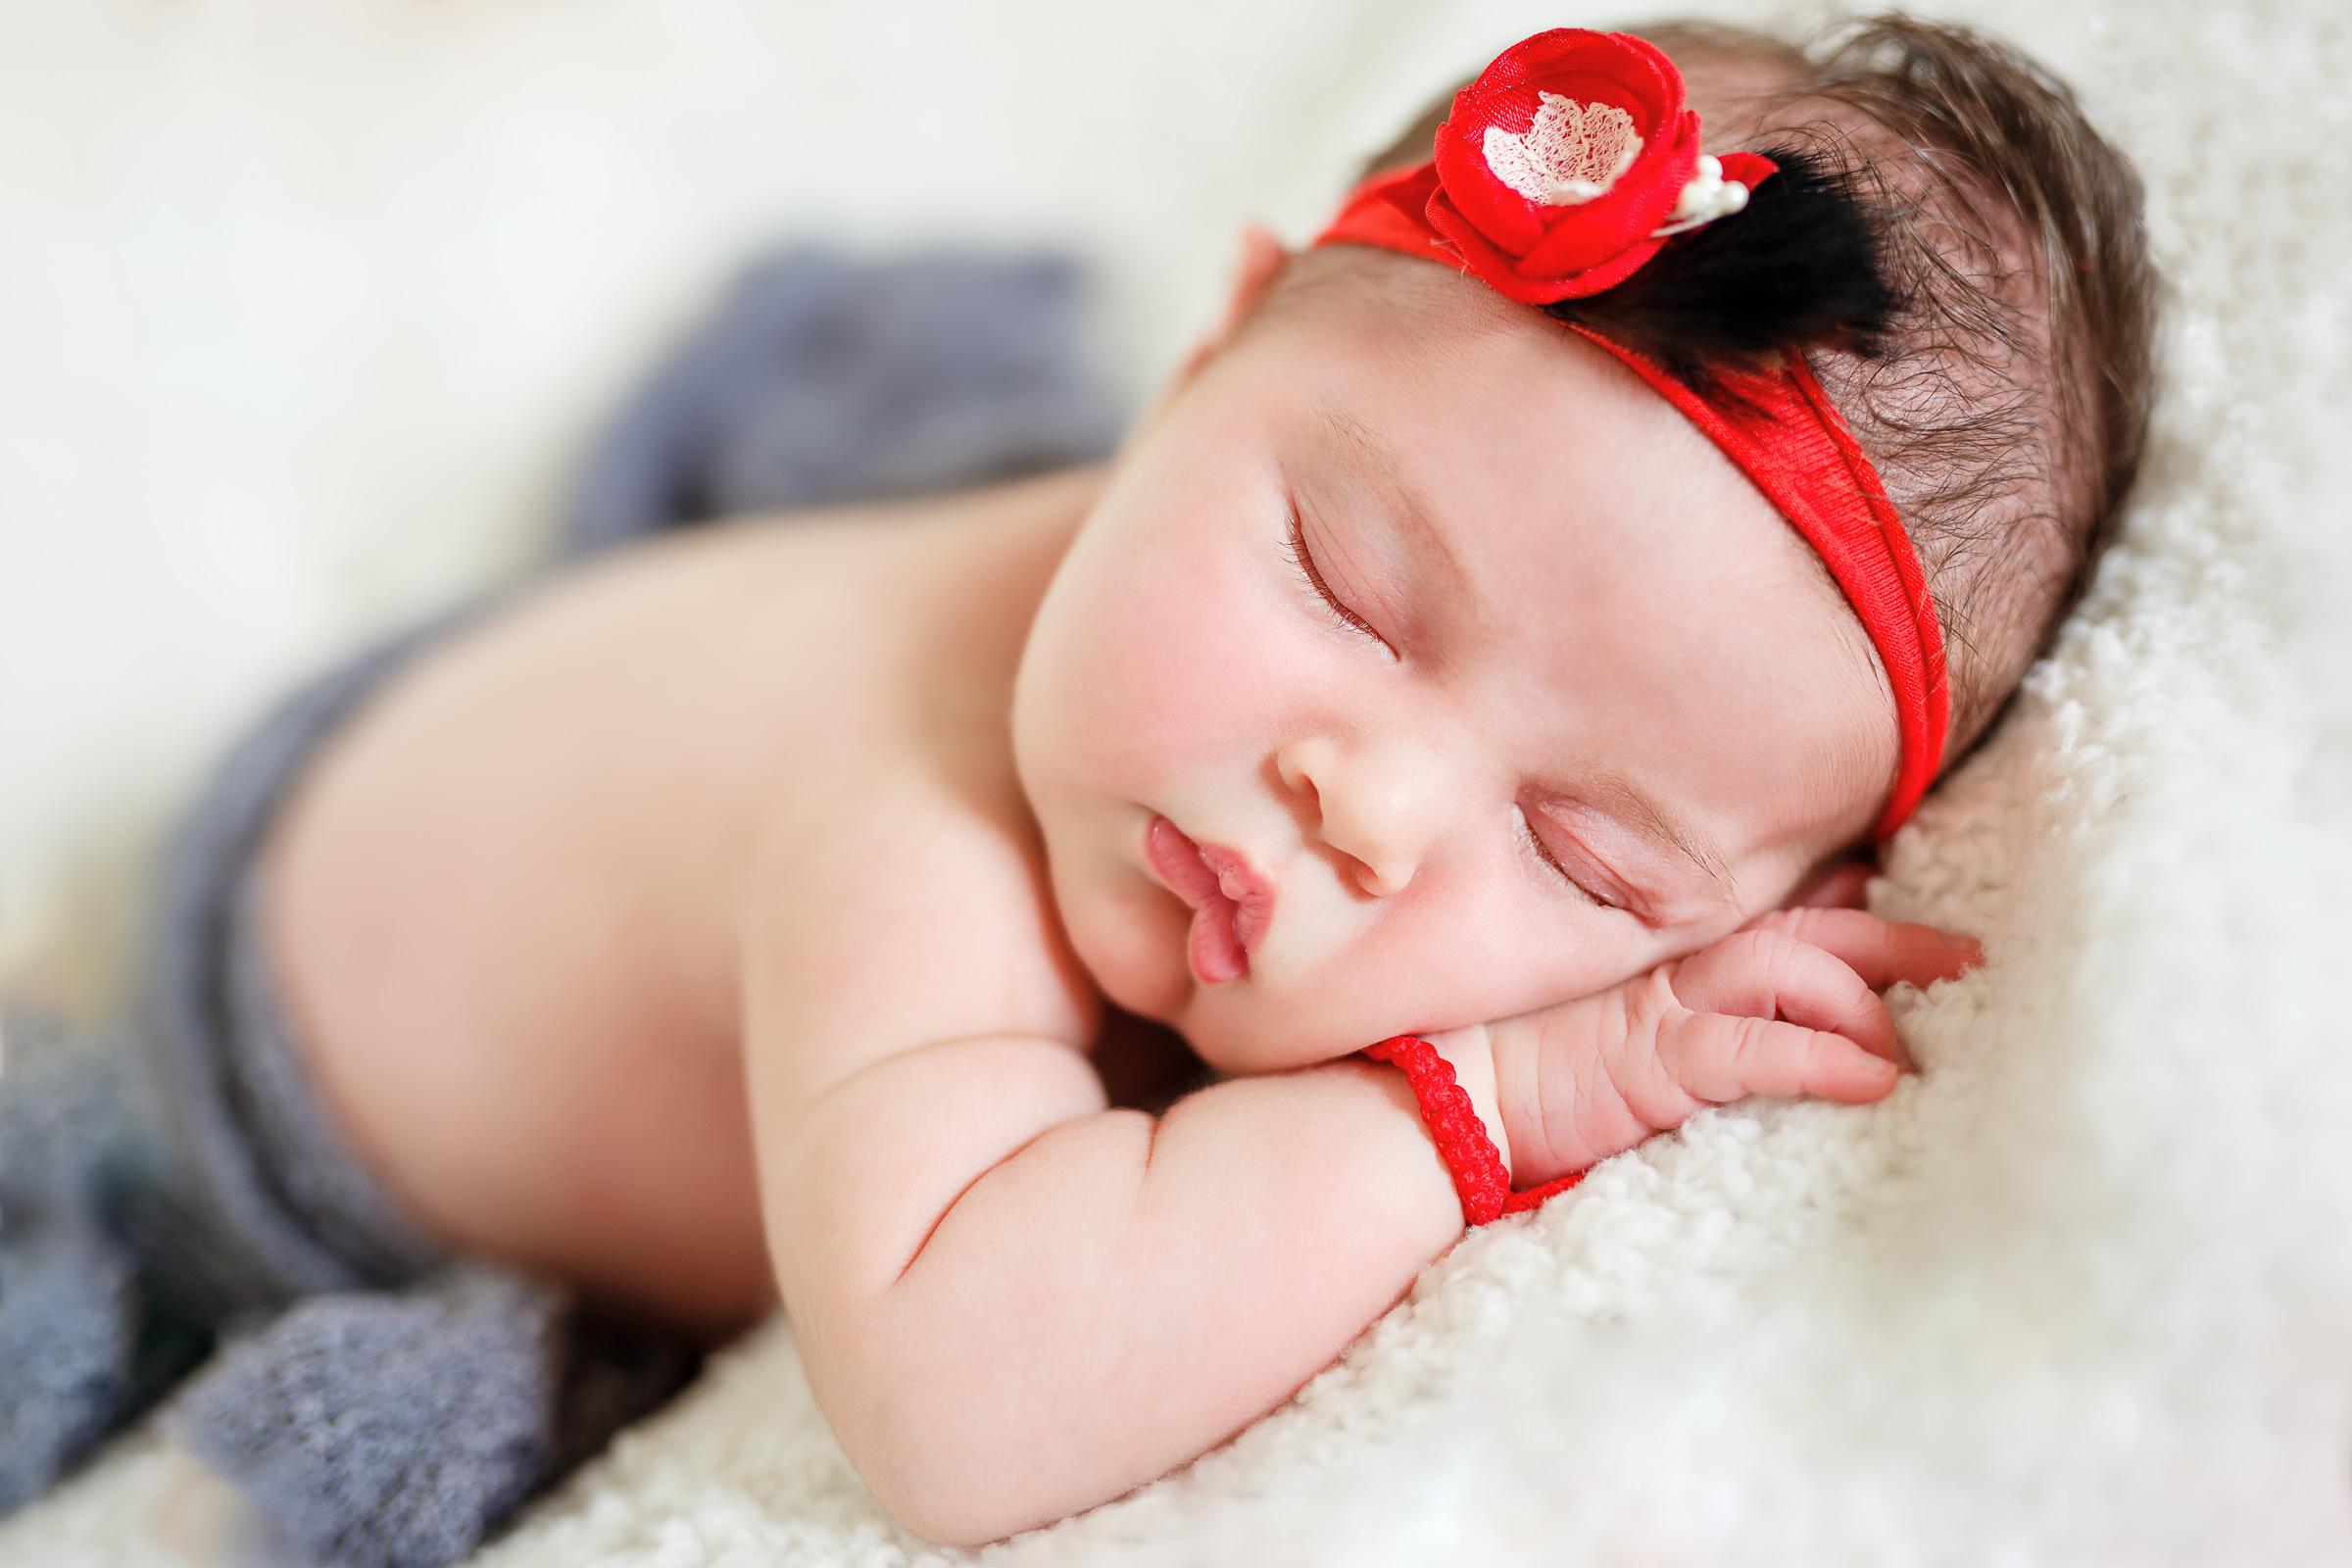 fotografie nou nascut bentita rosie